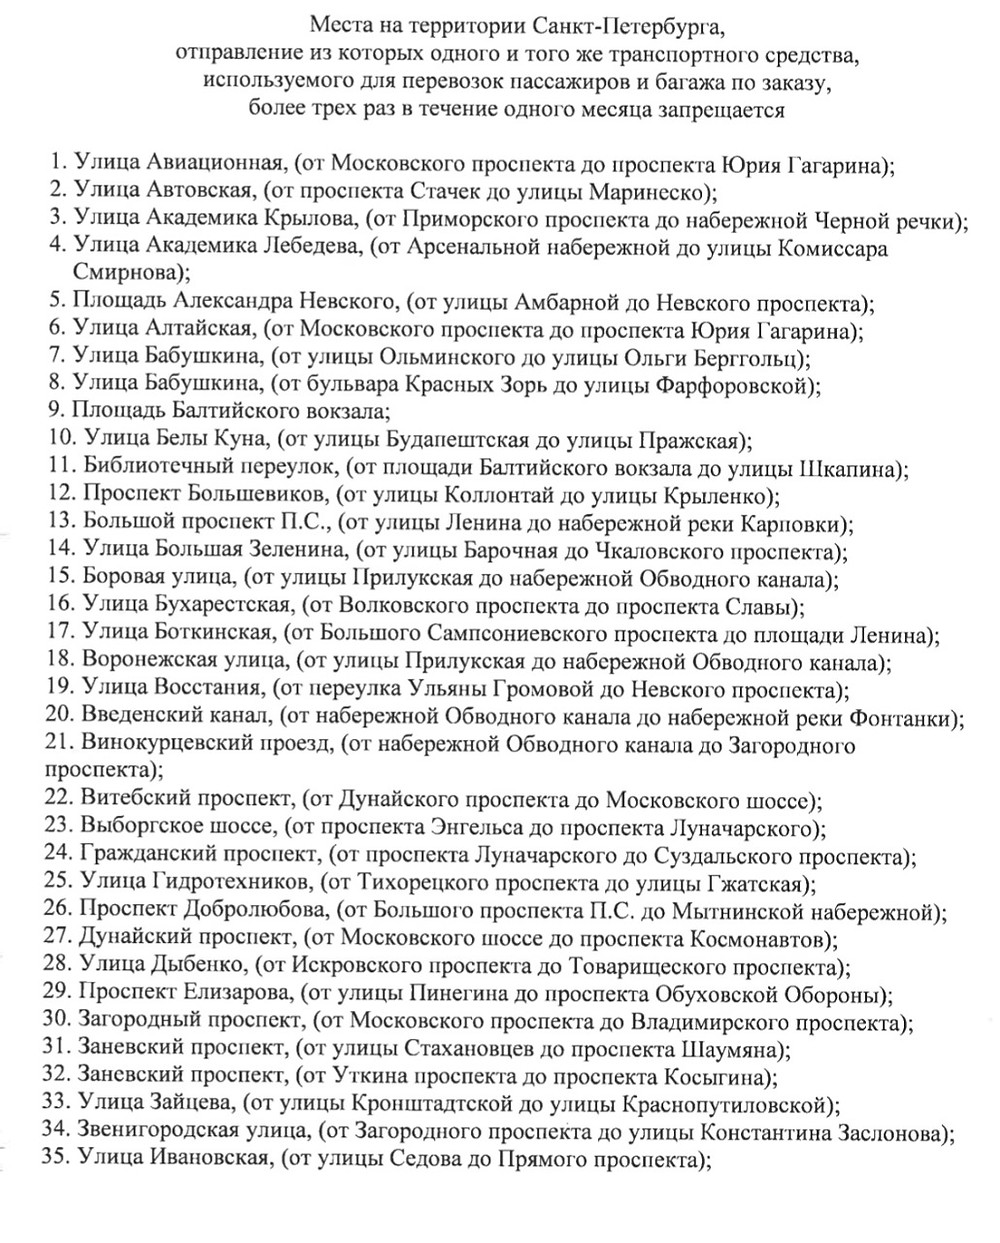 Список запретных для остановок улиц